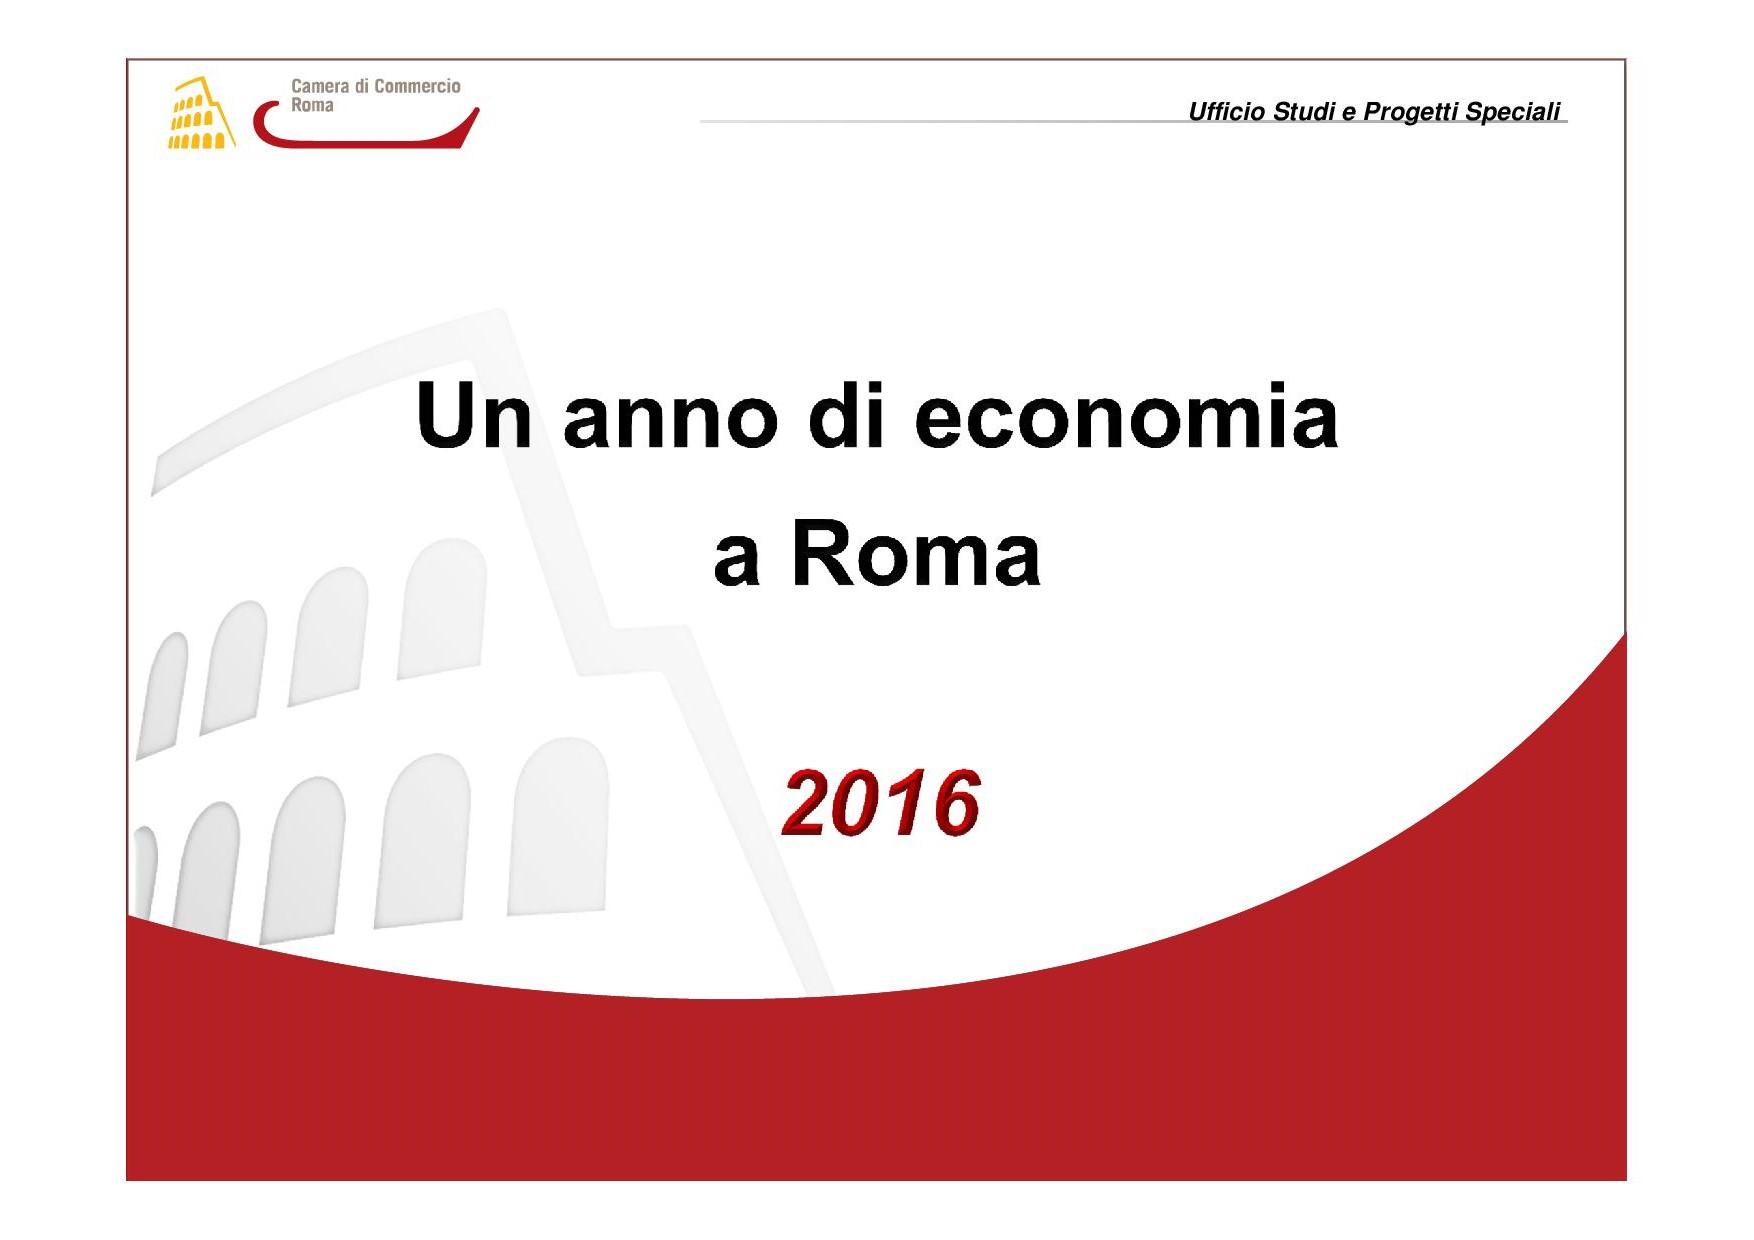 un anno di economia a Roma 2016 copertina